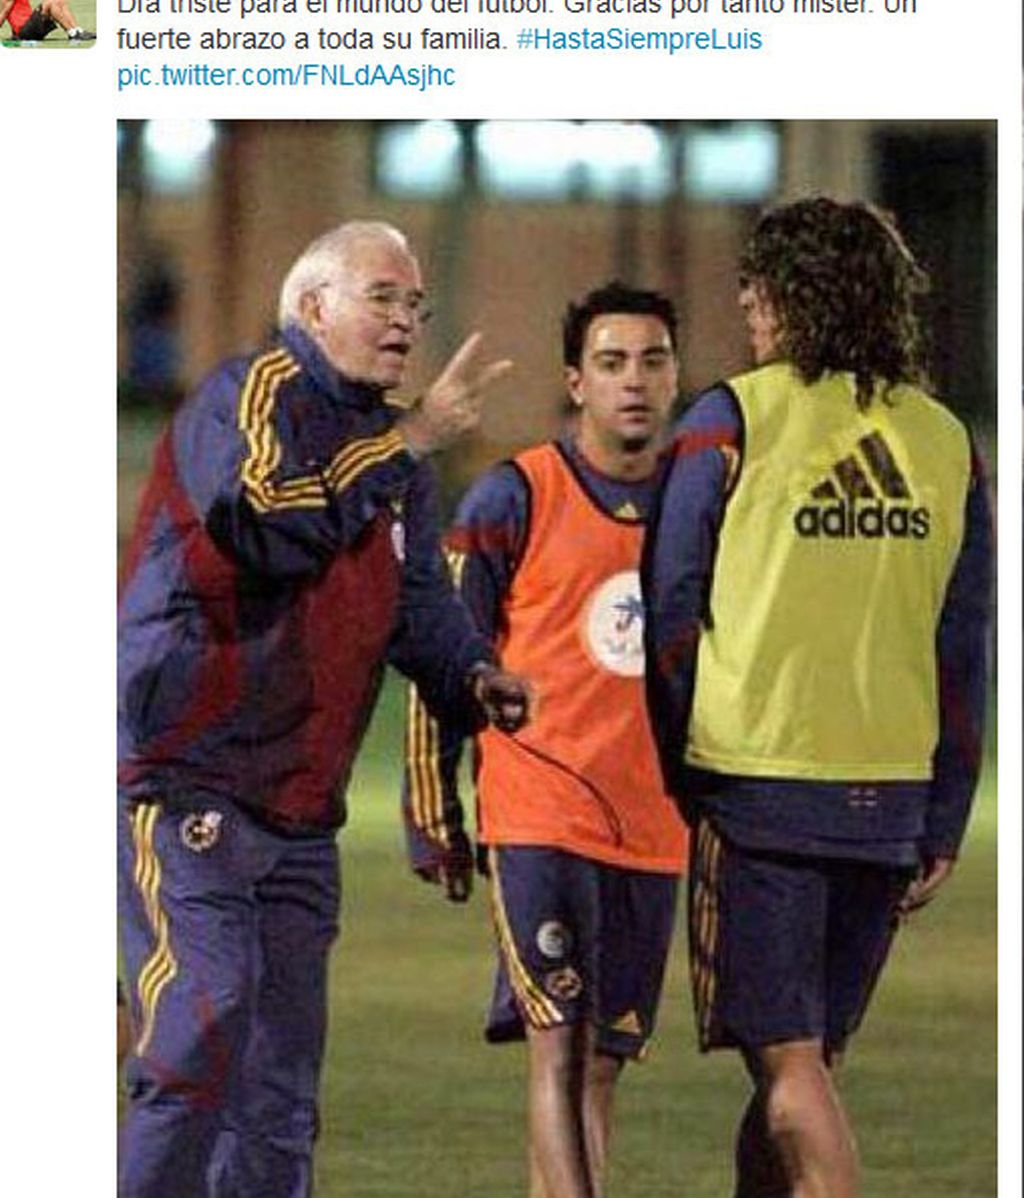 Tuit Carles Puyol